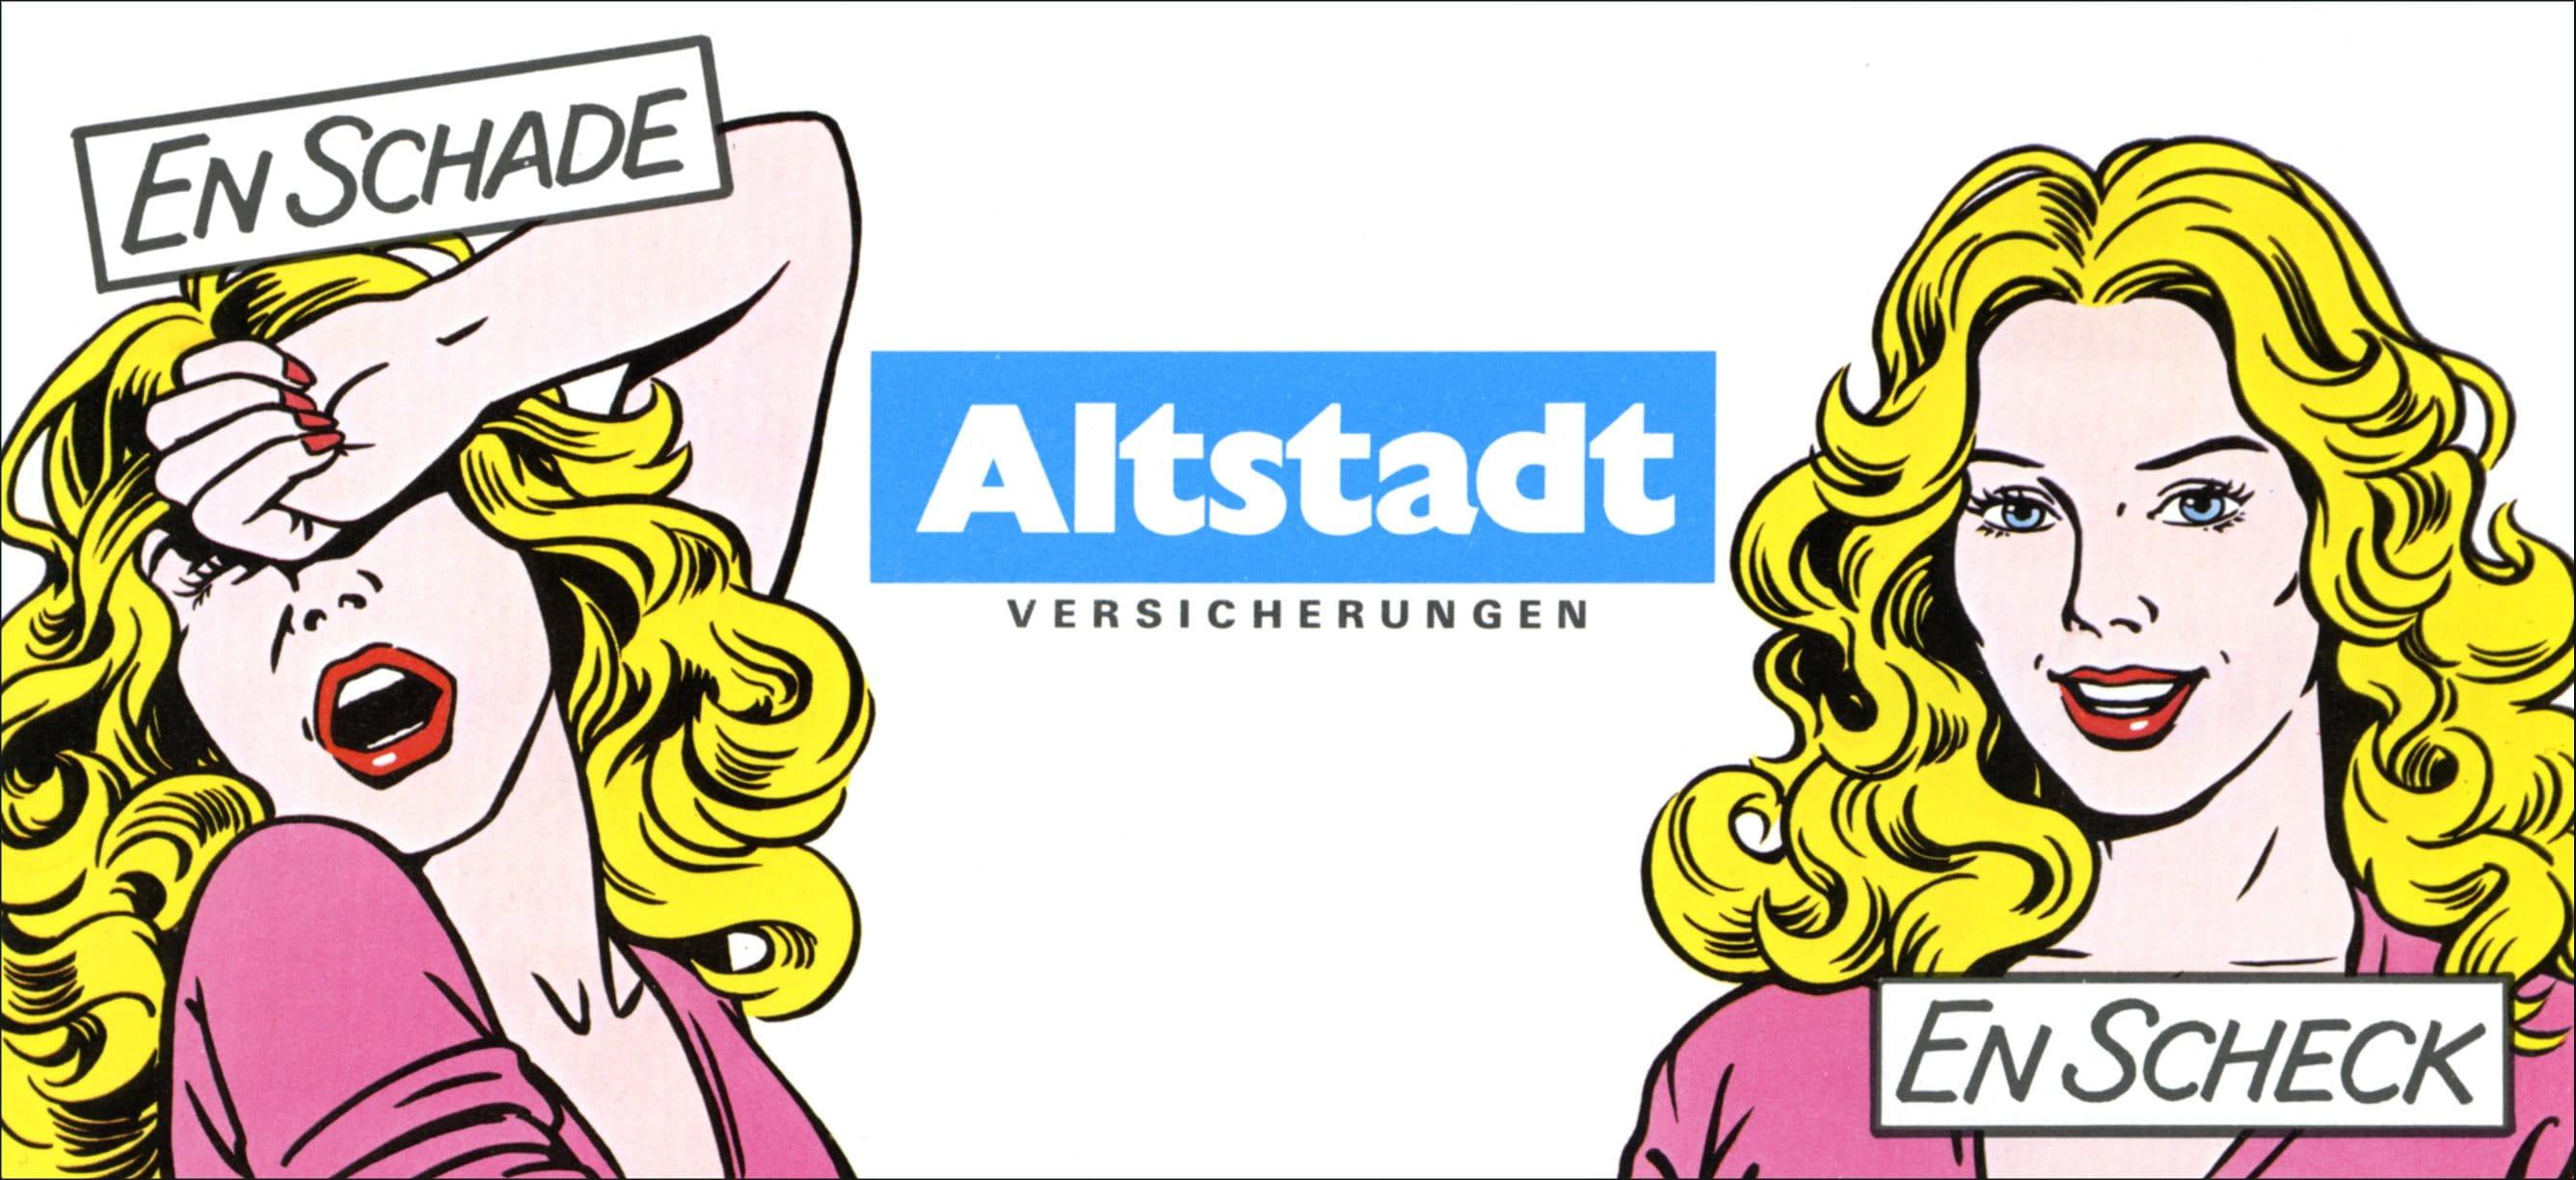 1982: Zurich acquires Altstadt-Versicherungs-Aktiengesellschaft